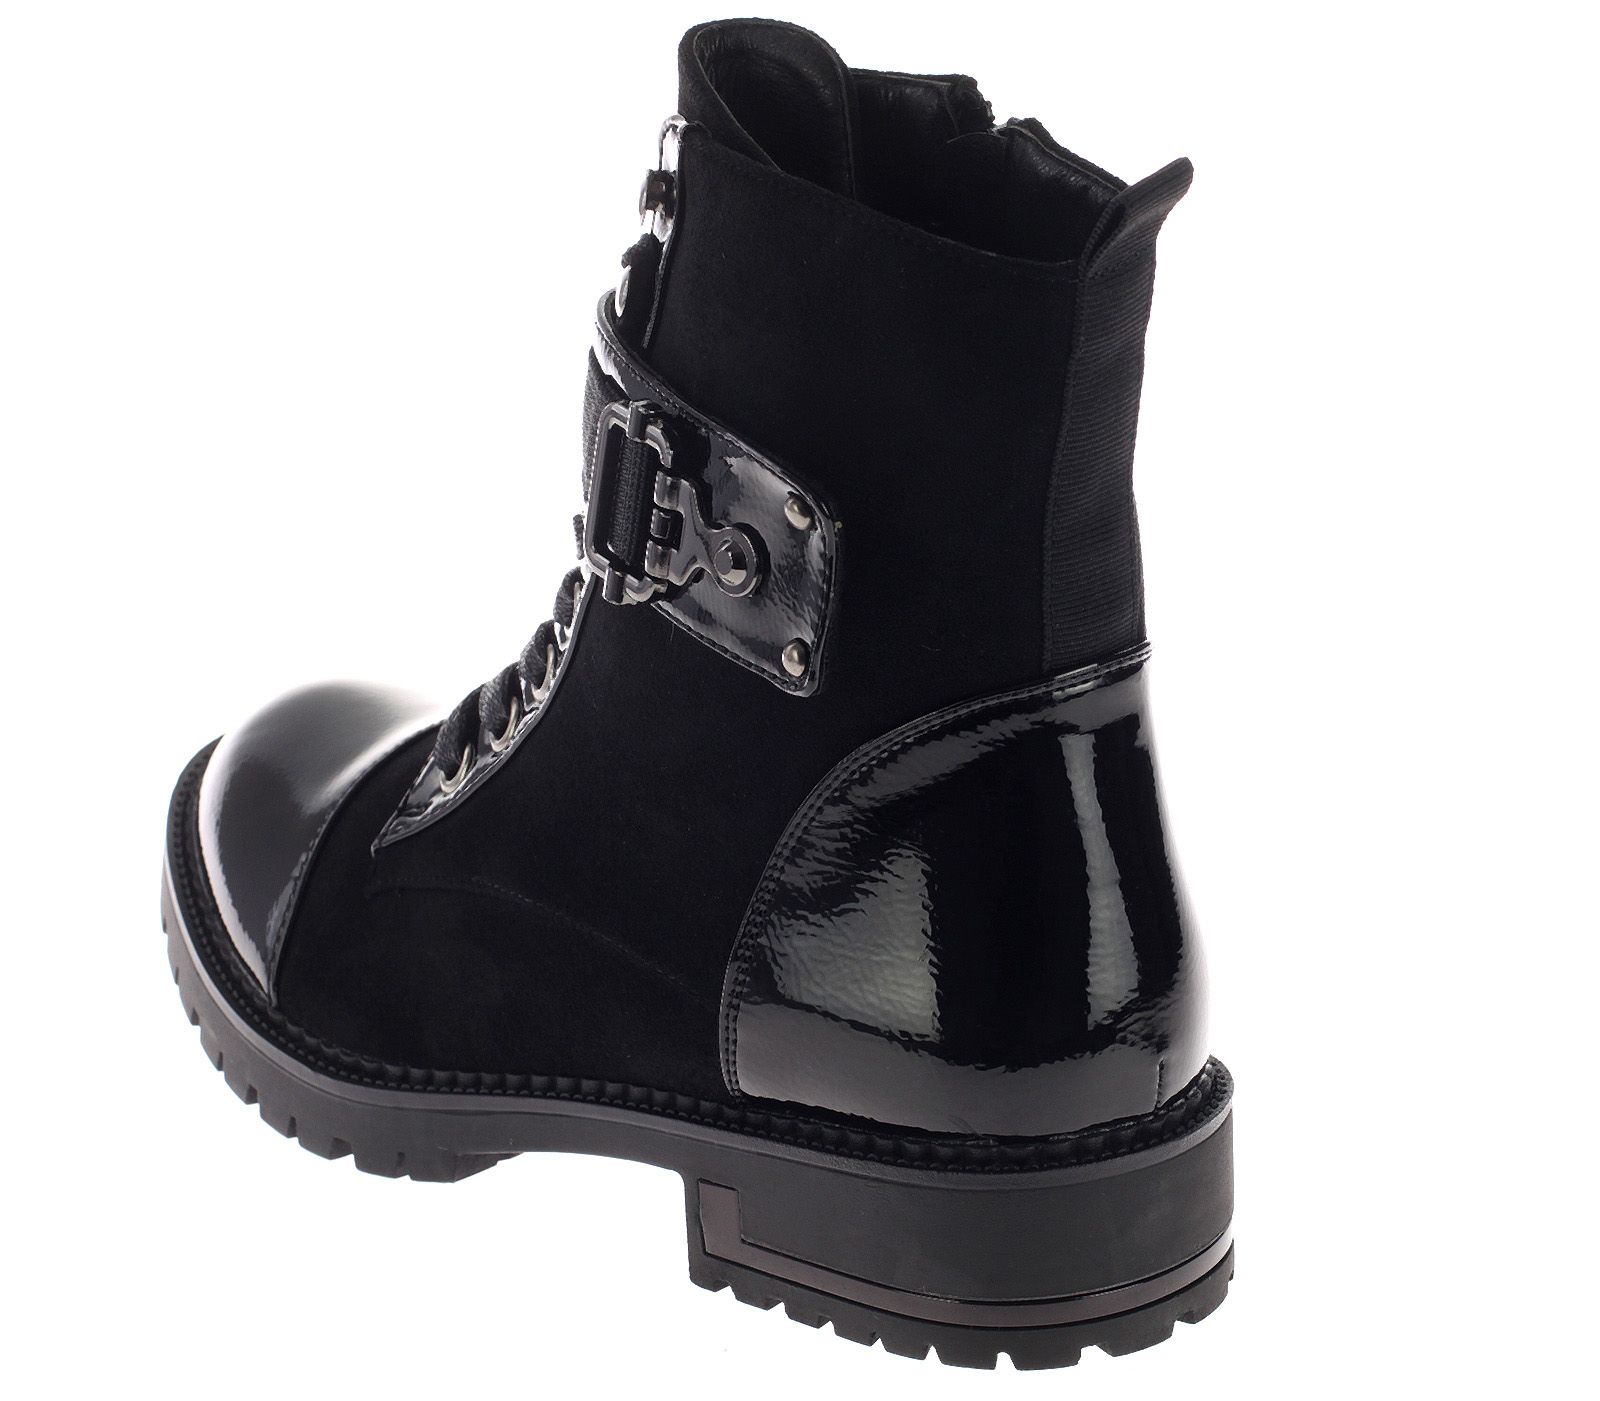 Damen Stiefeletten Boots Gefüttert Schwarz